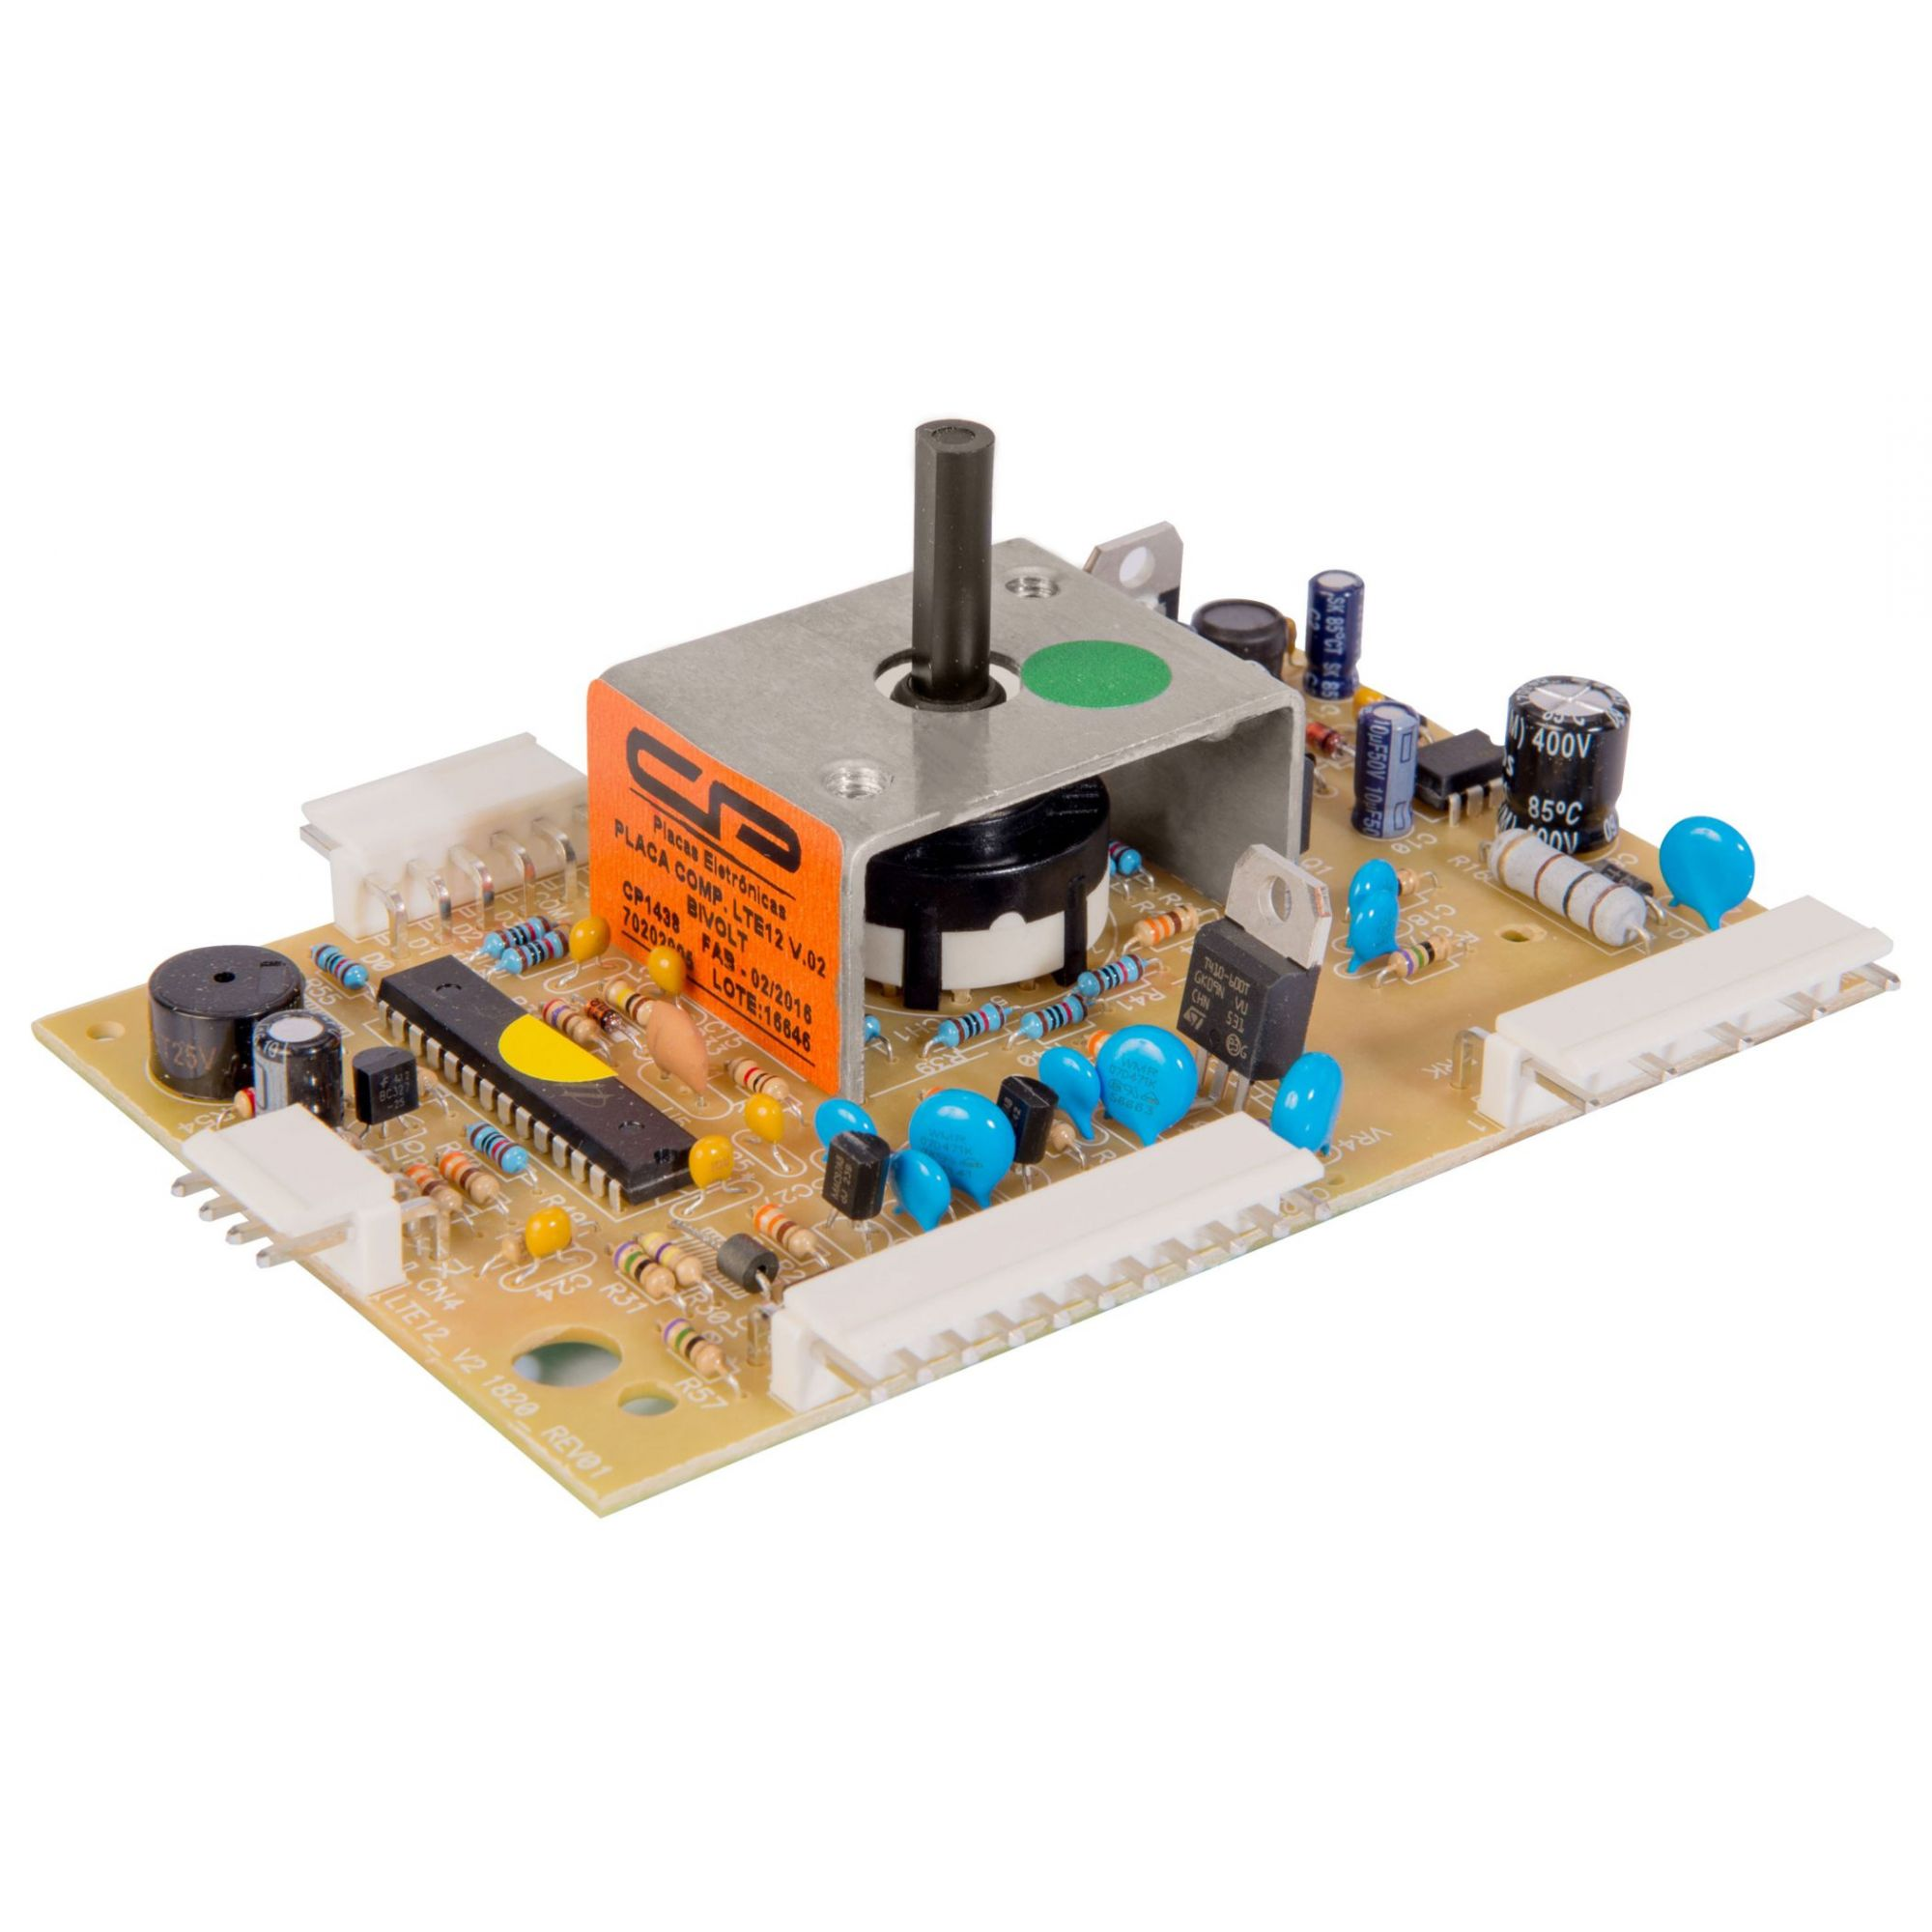 Placa Compatível Lavadora Electrolux LTE12 Versão 2 (2010/2012) - Bivolt - CP 1436